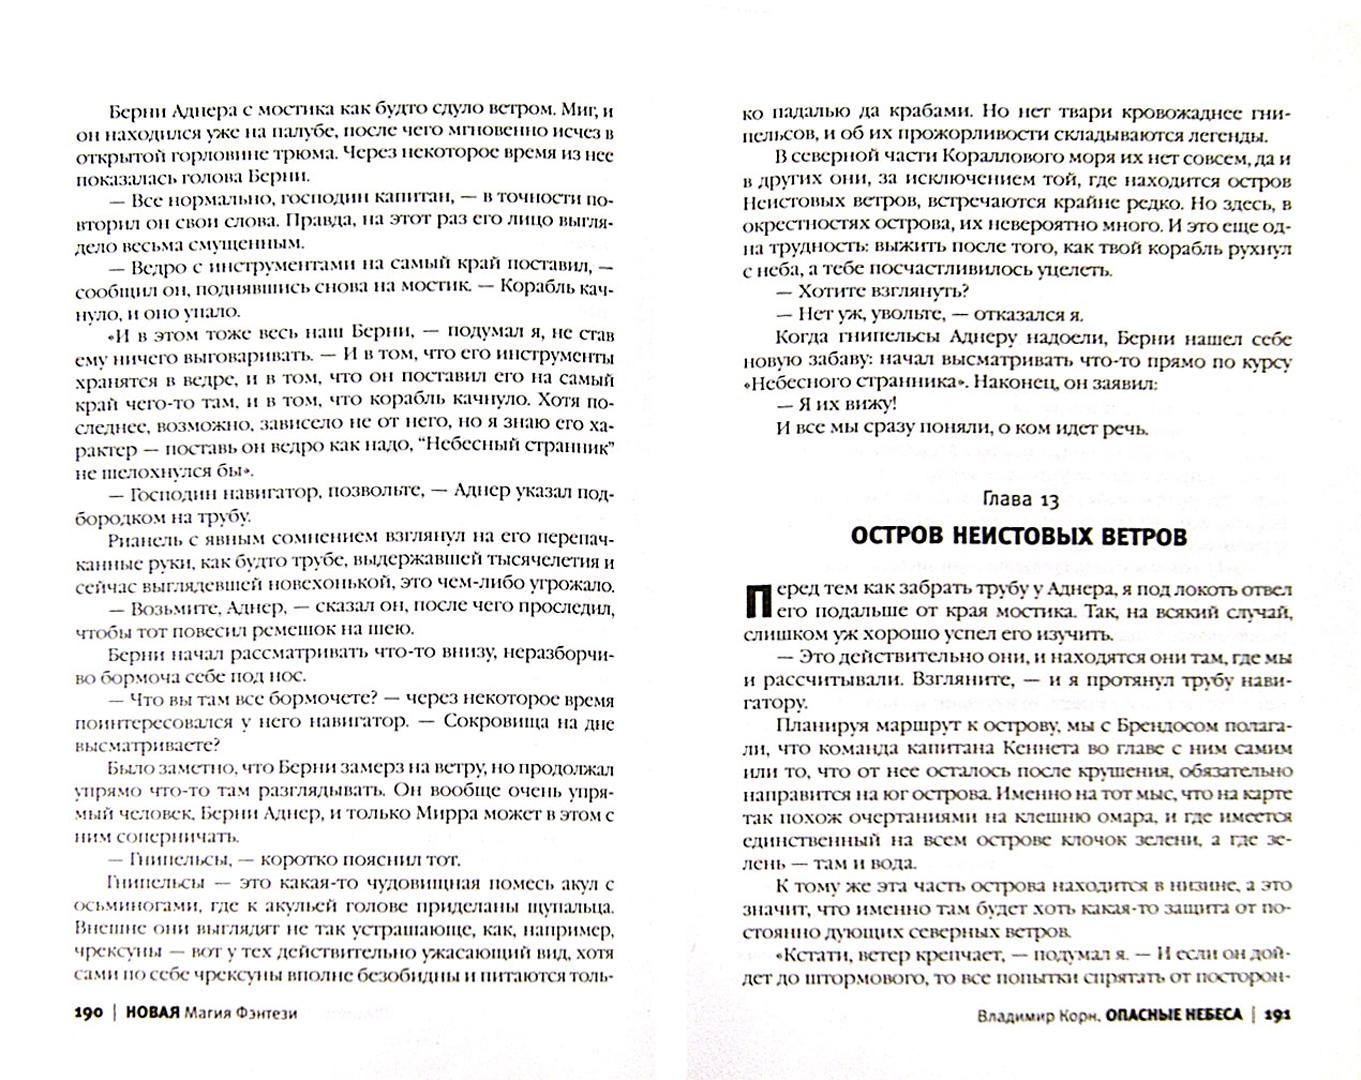 Иллюстрация 1 из 21 для Опасные небеса - Владимир Корн | Лабиринт - книги. Источник: Лабиринт